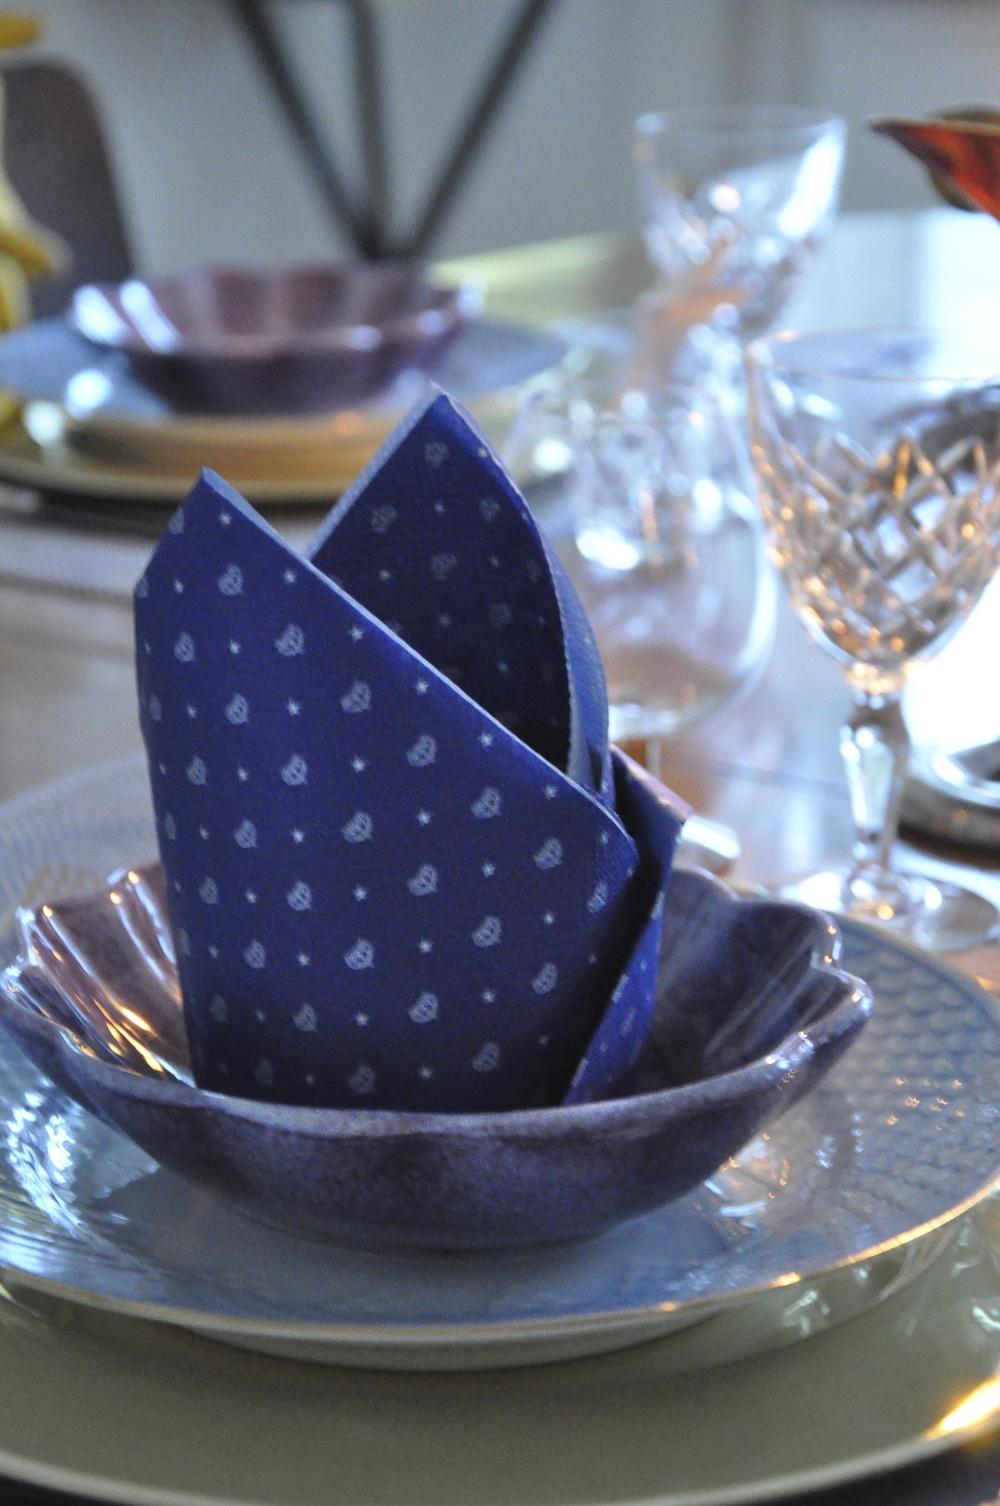 Kuvertet från sidan - undertallrik från Skultuna, mattallrik, Blå Ton från Bing & Gröndahl och lila skål från Matteus porslin. Foto: Palatsliv